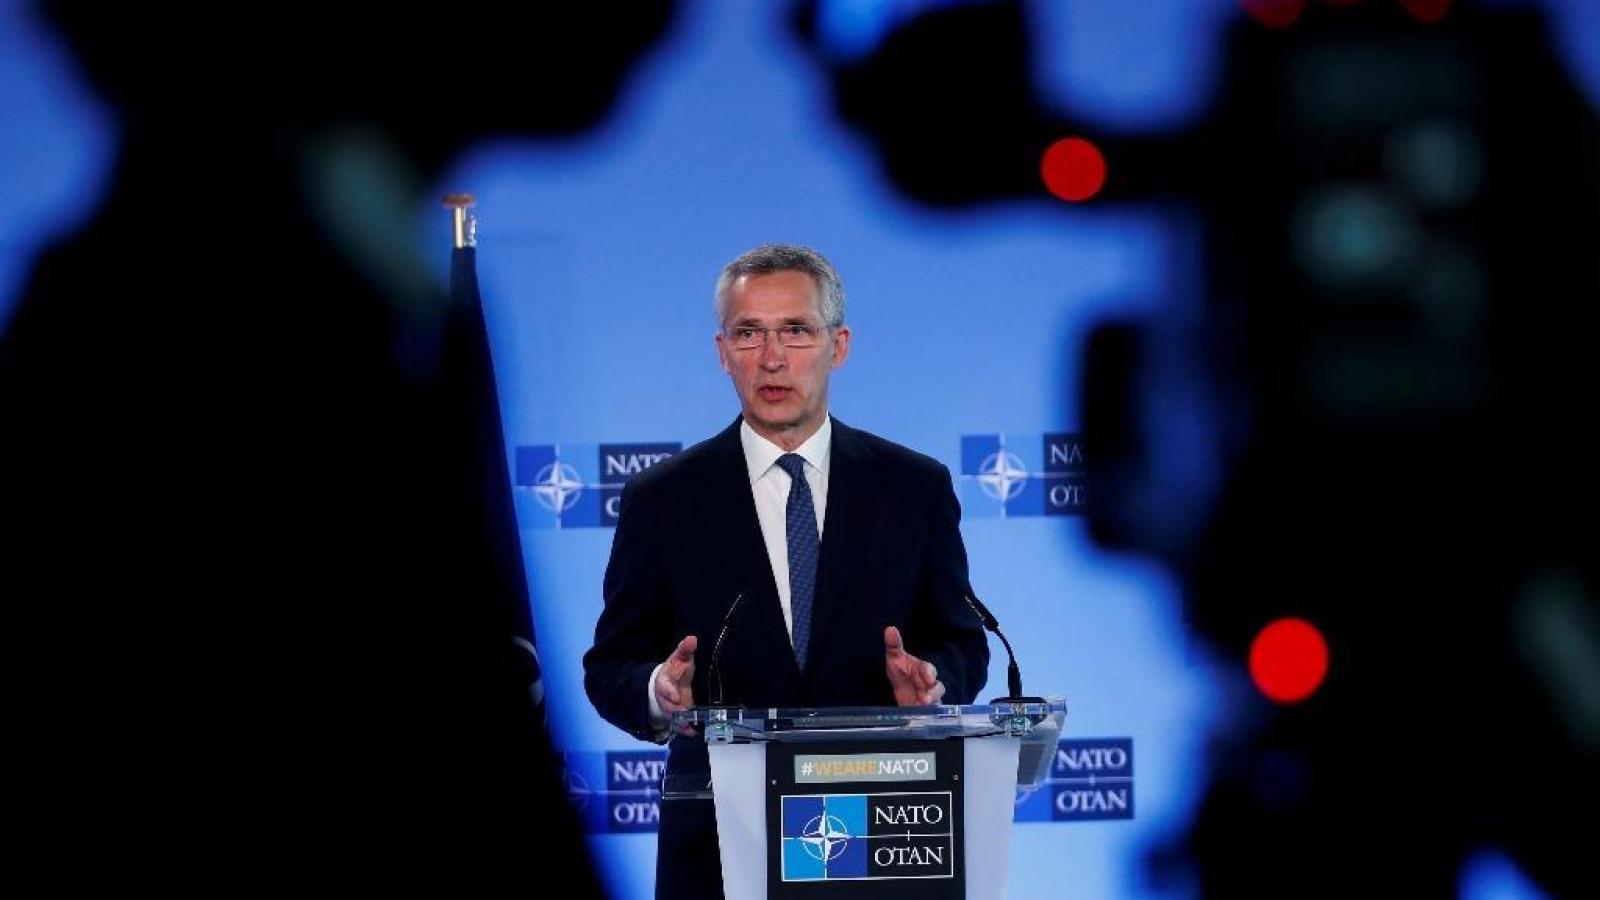 """Hội nghị NATO, G7 có """"làm khó"""" Hội nghị Thượng đỉnh Nga – Mỹ?"""